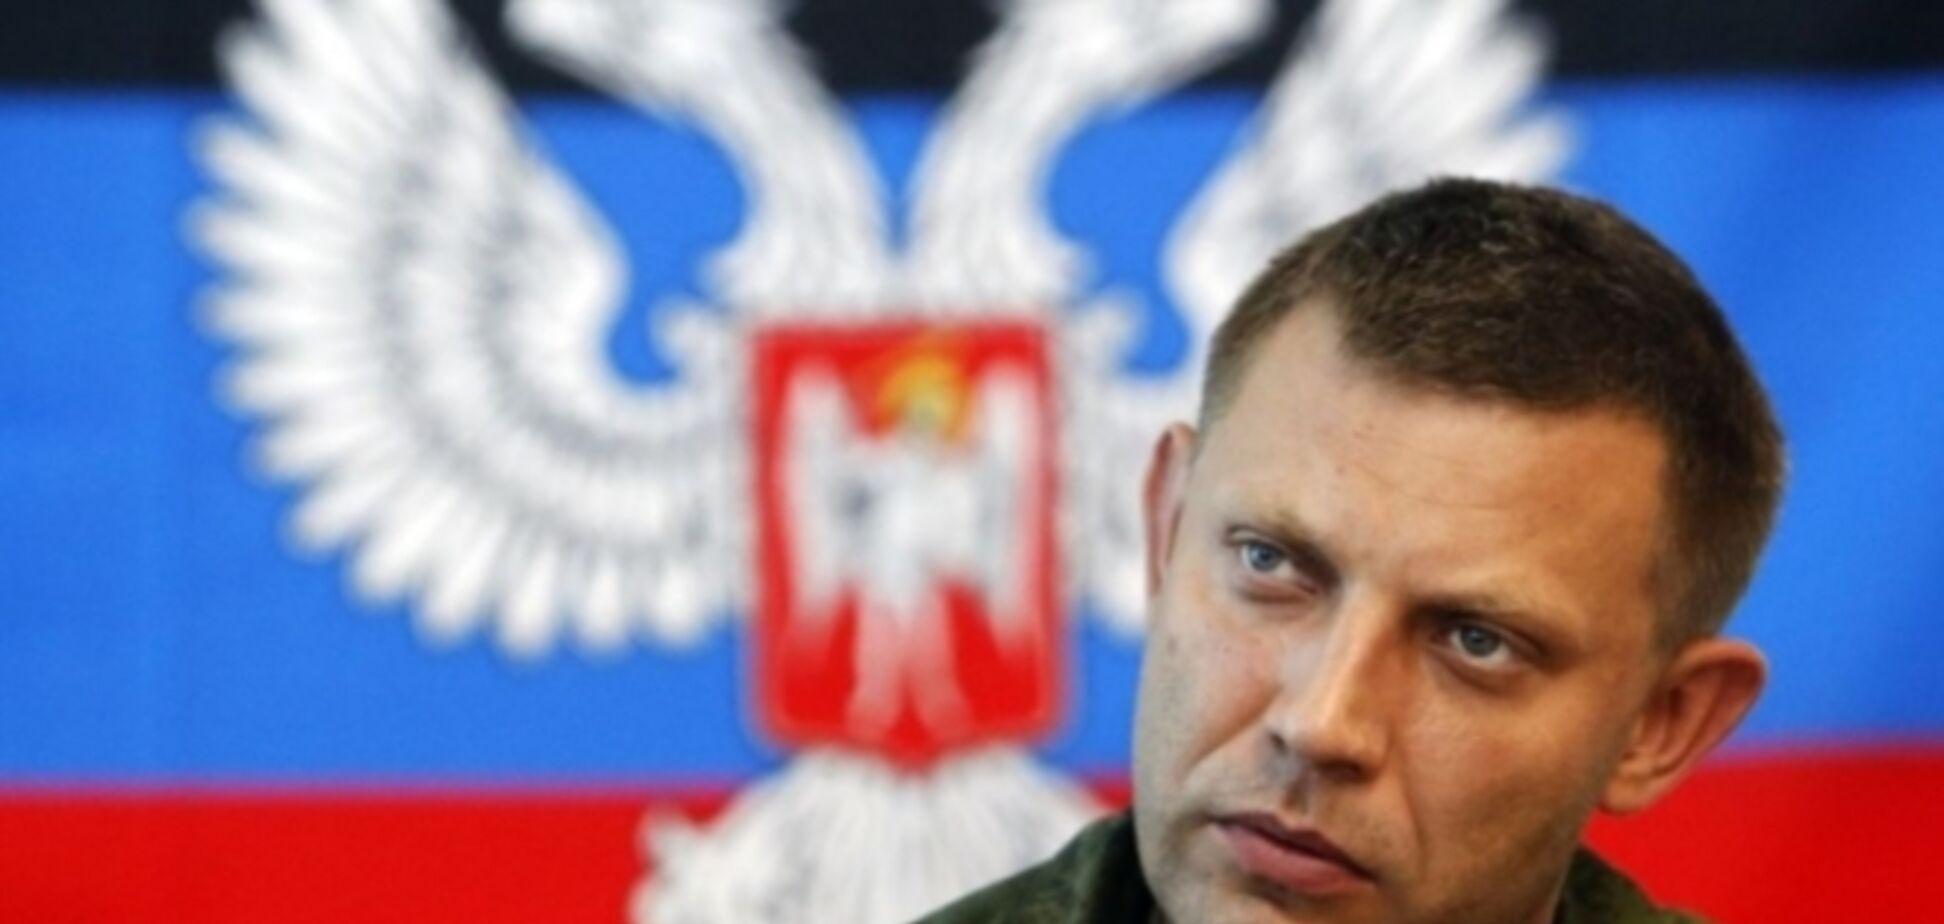 Террористы 'ДНР' заявили о проведении еще одних 'выборов' после 7 декабря